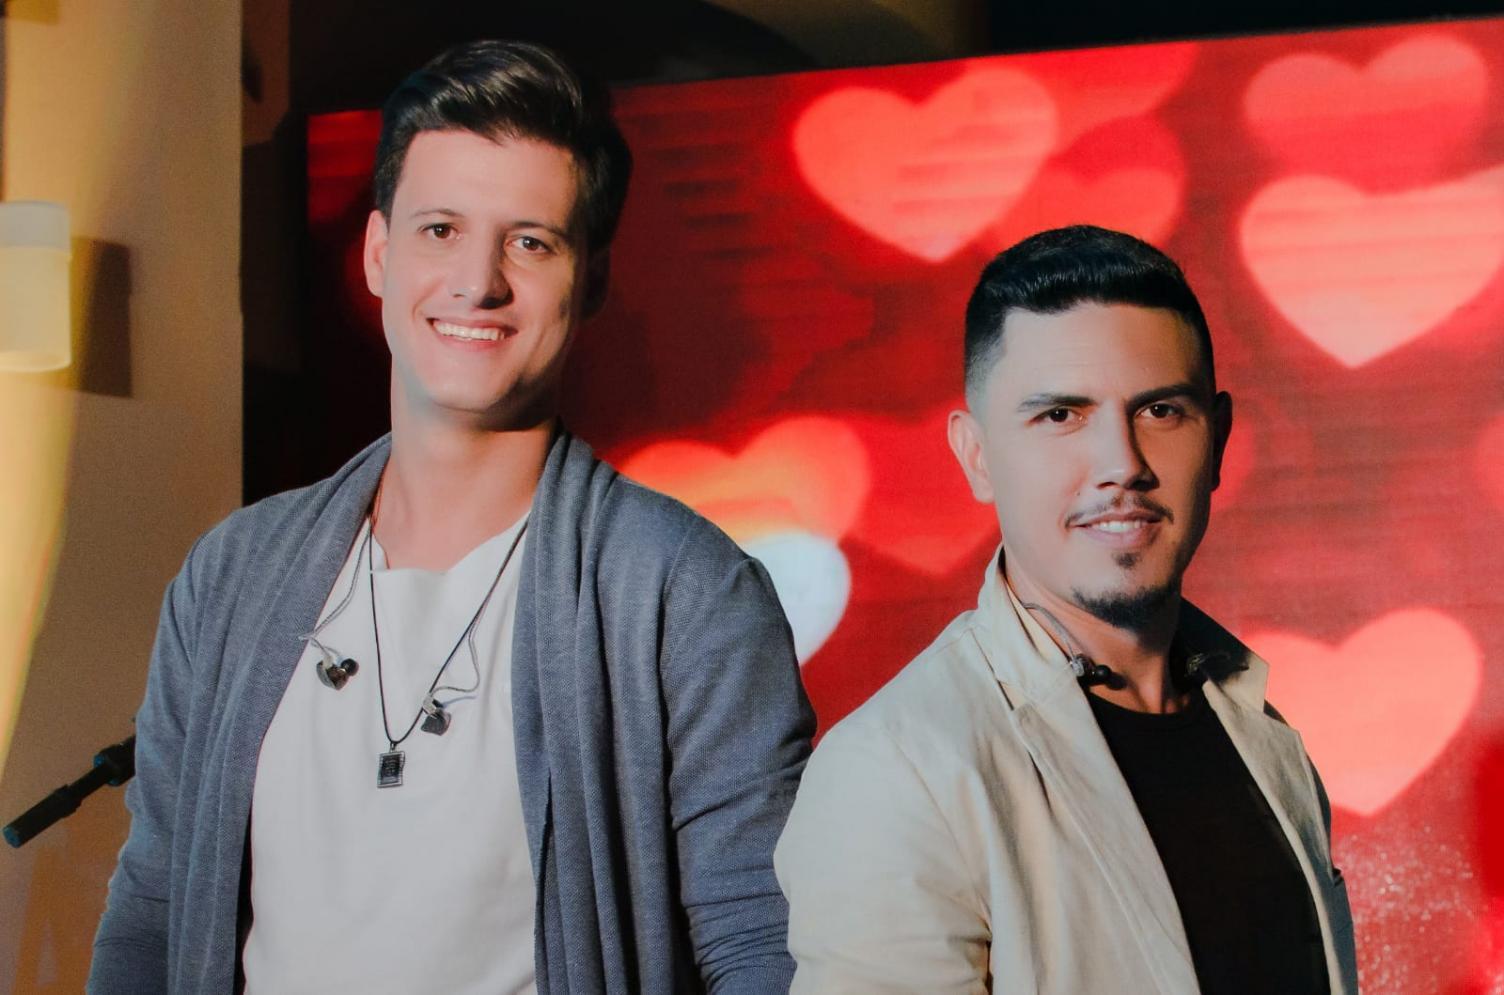 João Paulo & André se reinventam em um ano atípico com a esperança de um 2021 melhor